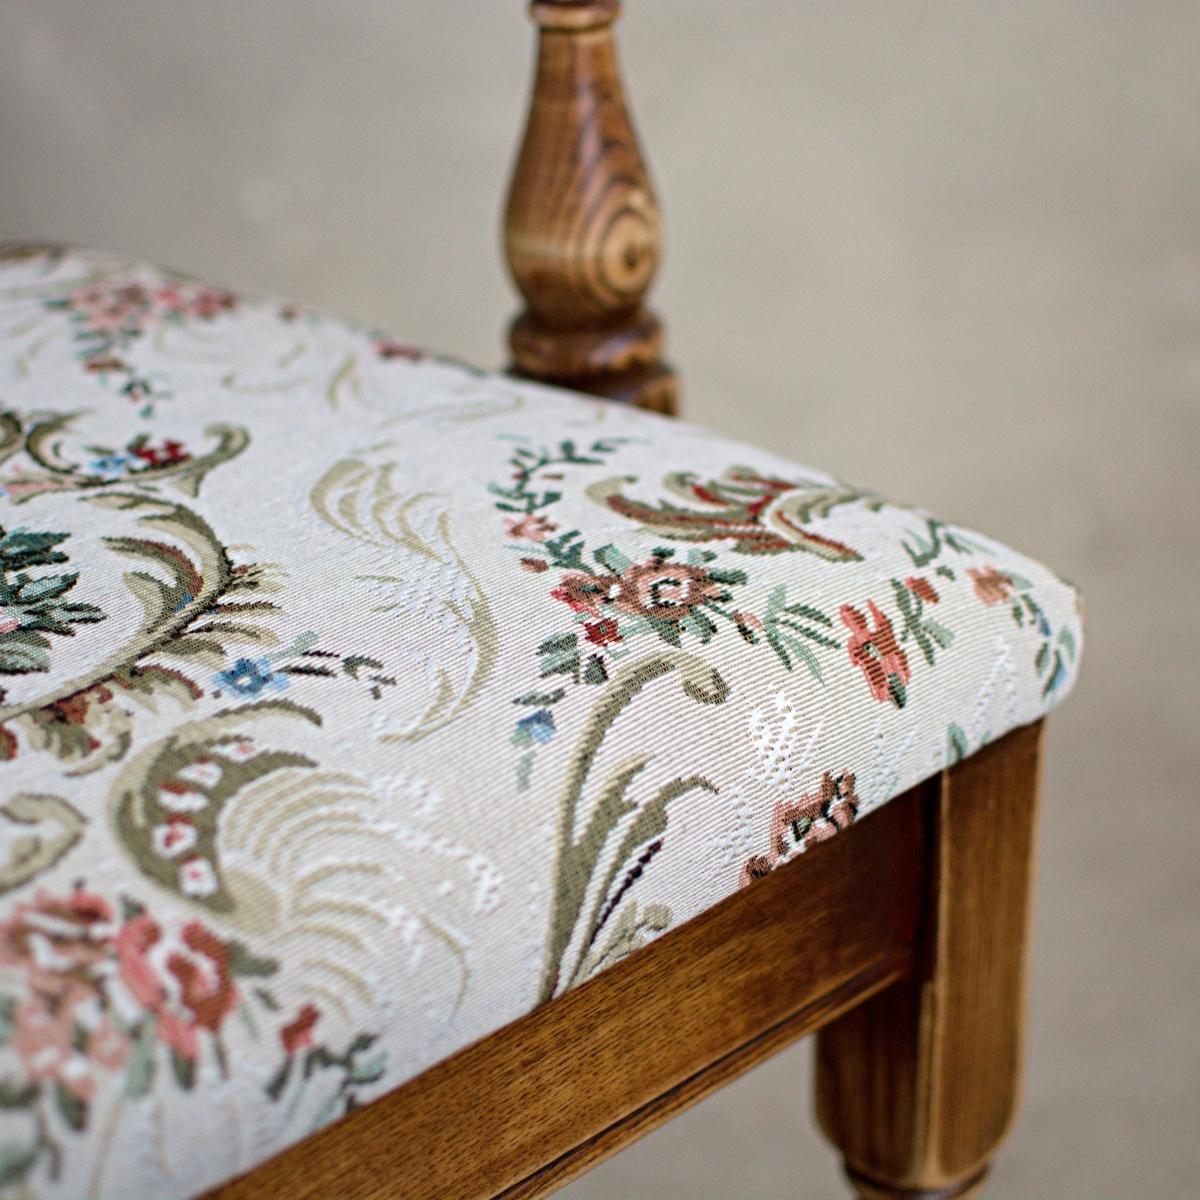 Prodej renovovaného nábytku Praha vintage židle